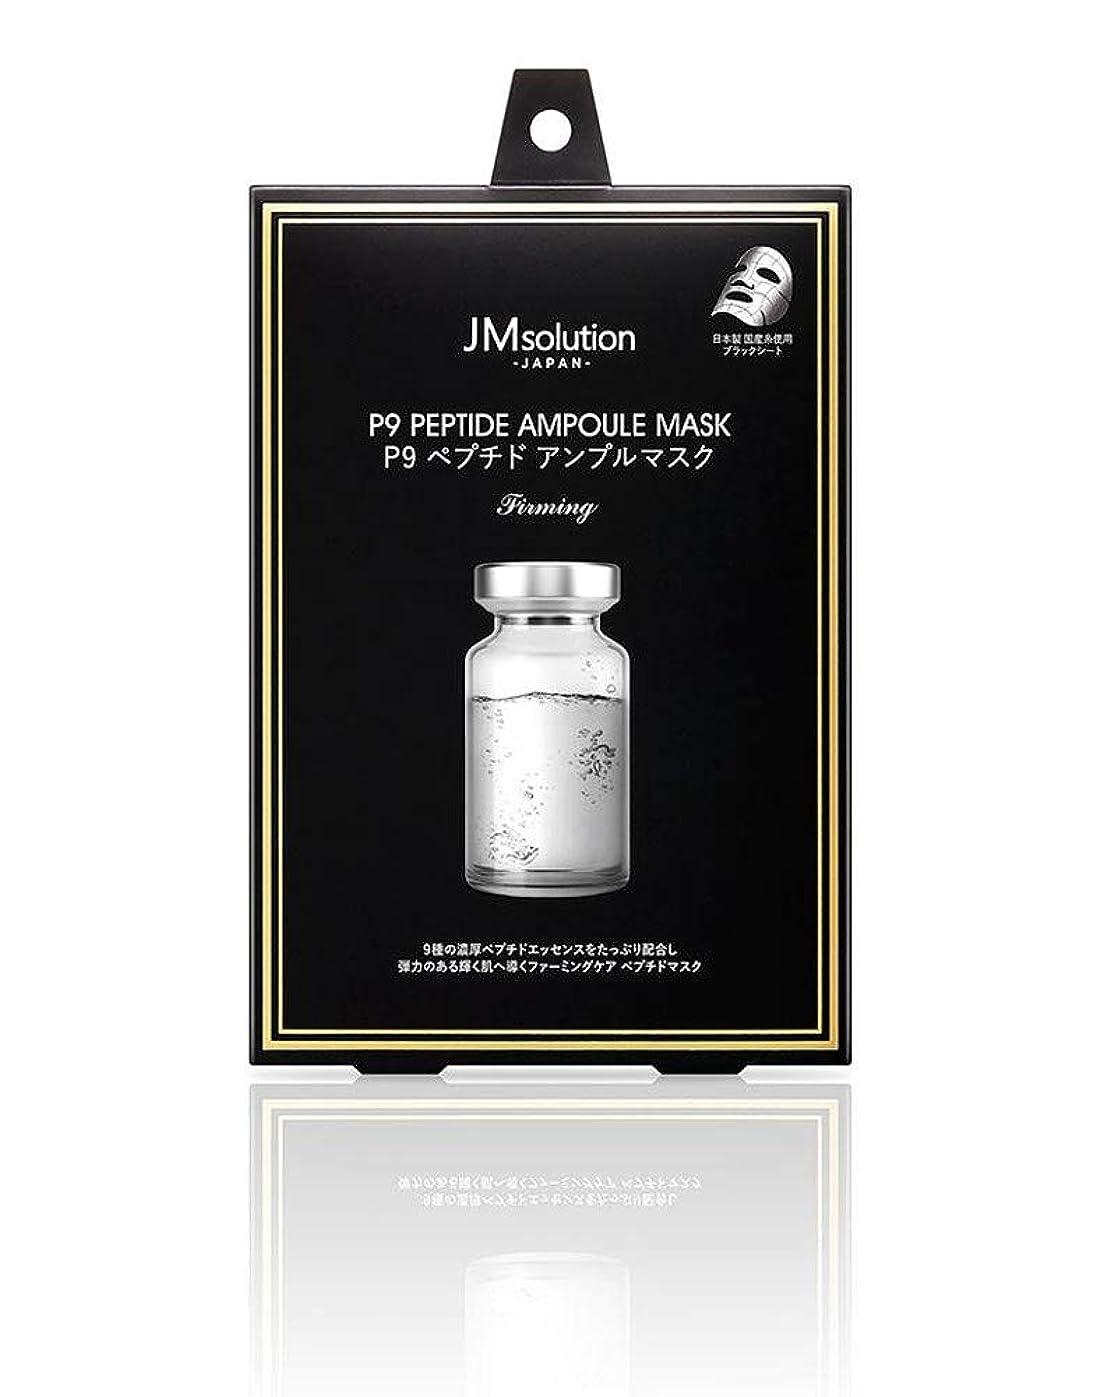 バースト崩壊キウイJMsolution P9 ペプチド アンプルマスク ファーミング 30g×5枚(箱入り)